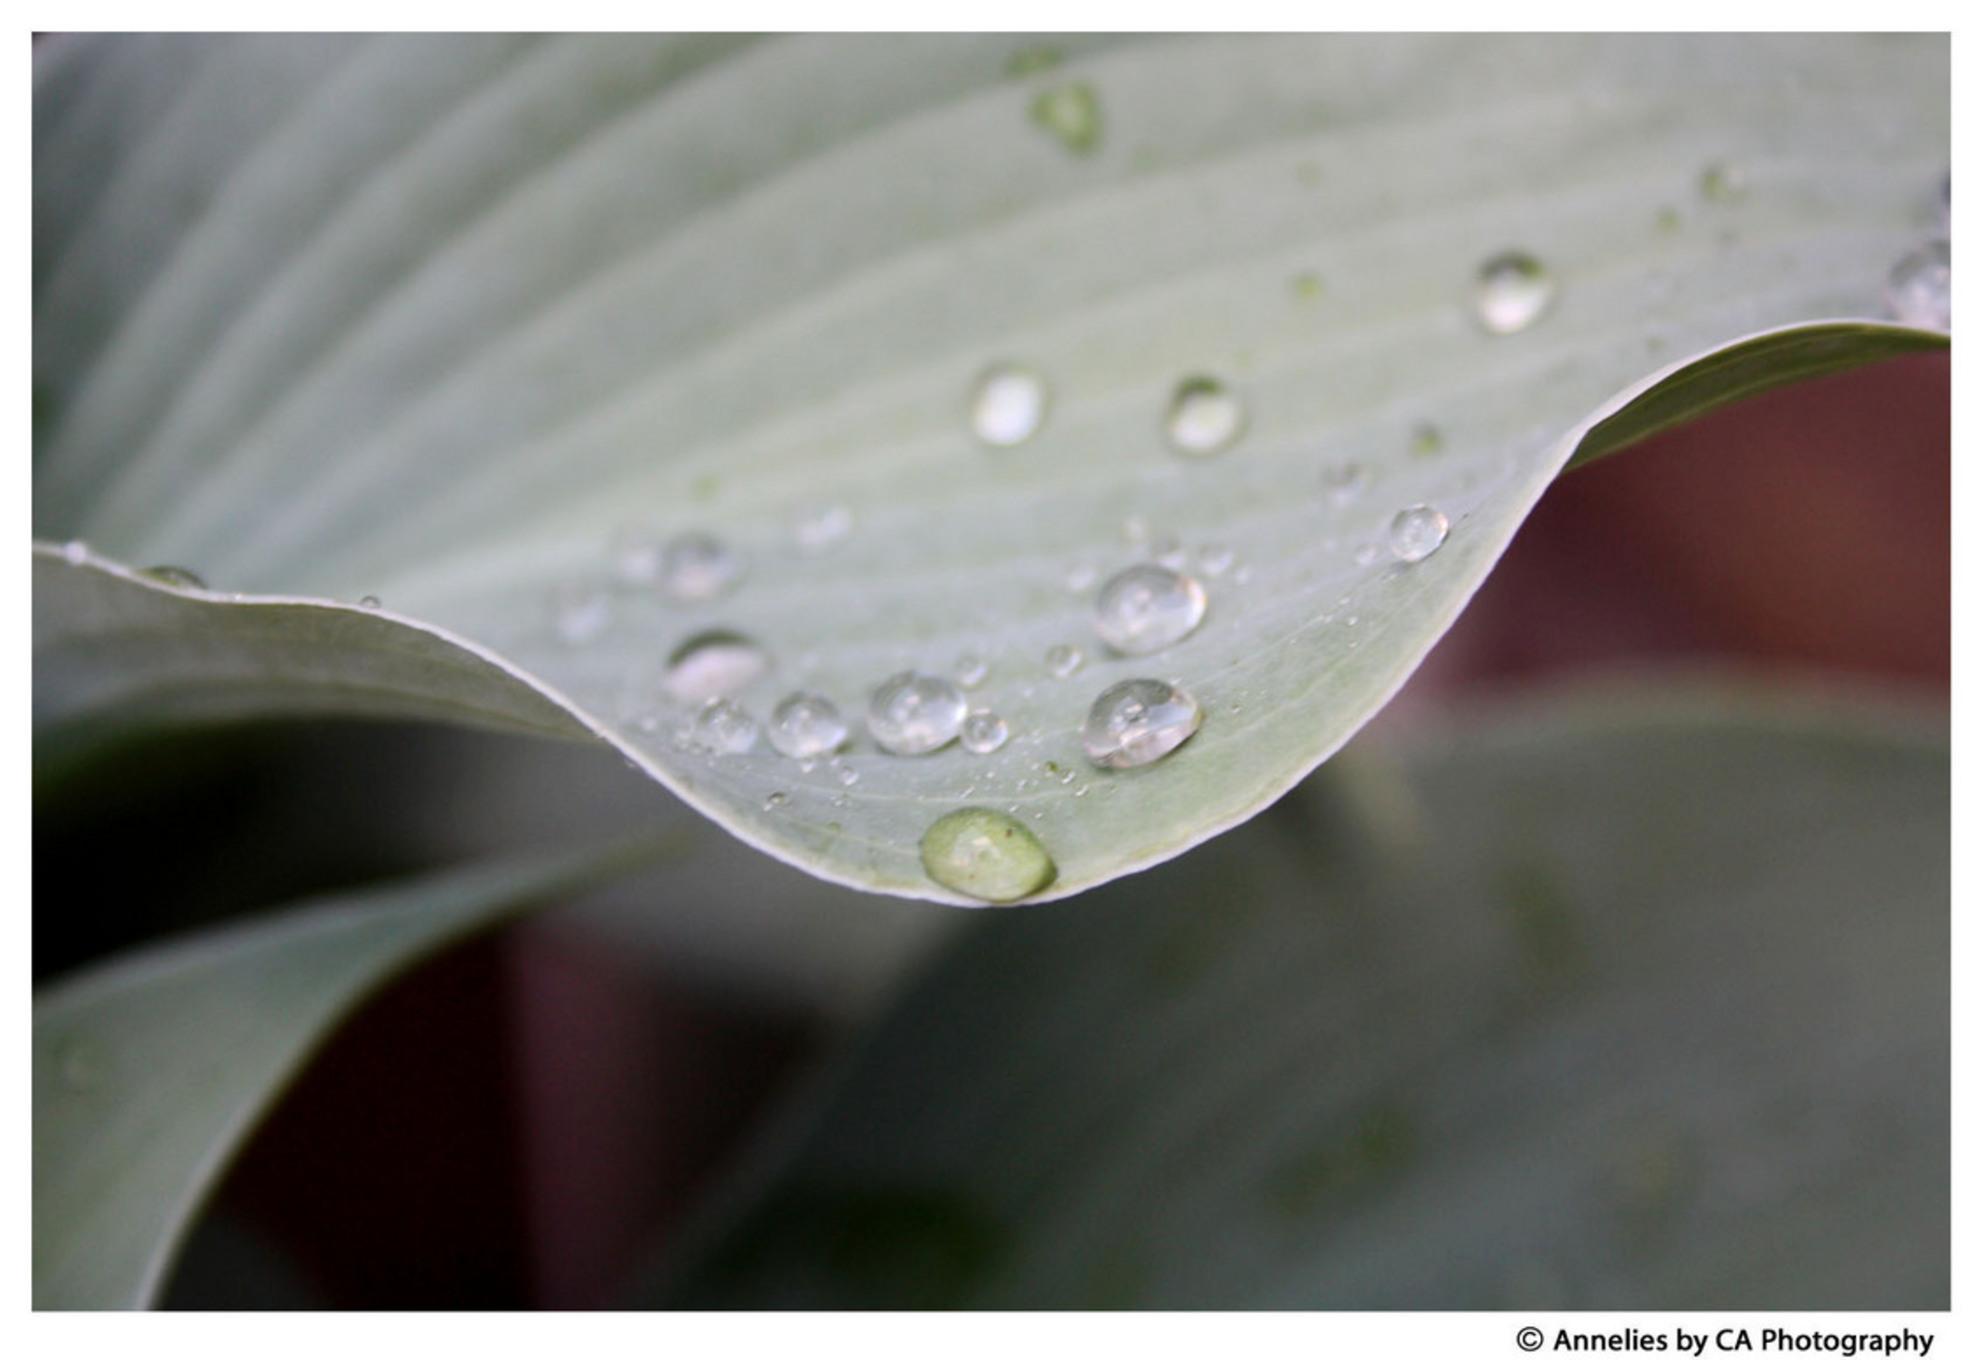 Druppels - Gewoon een tuinmomentje. - foto door anneliefsje op 17-11-2011 - deze foto bevat: natuur, blad, druppels, dauw